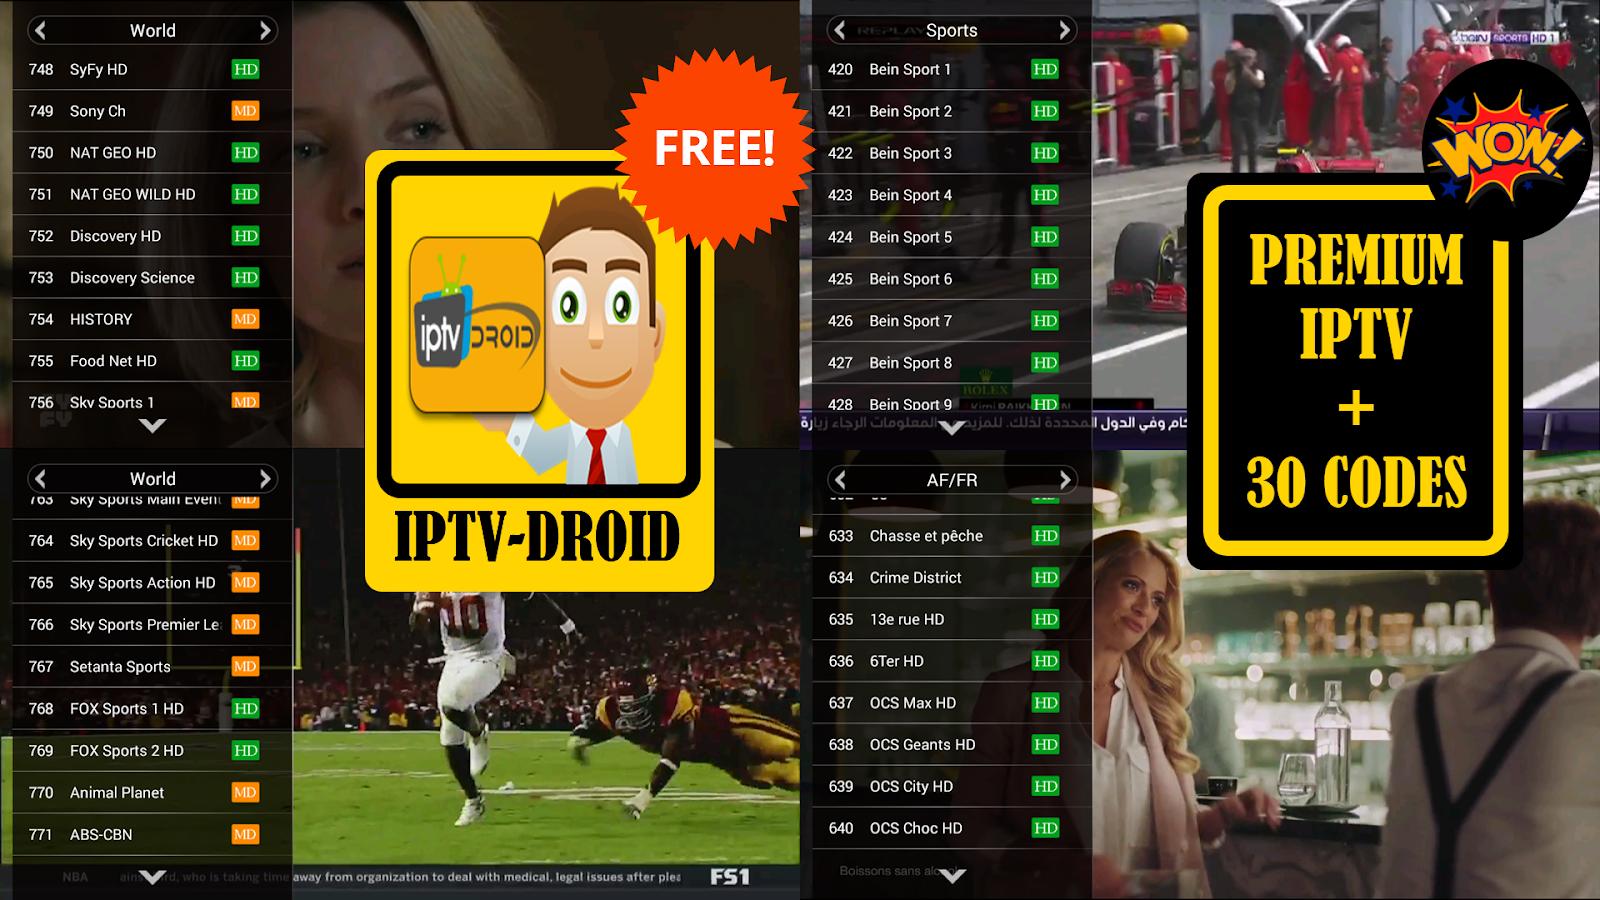 IPTV-DROID : PREMIUM IPTV TO WATCH BEST PREMIUM CHANNELS + 30 X